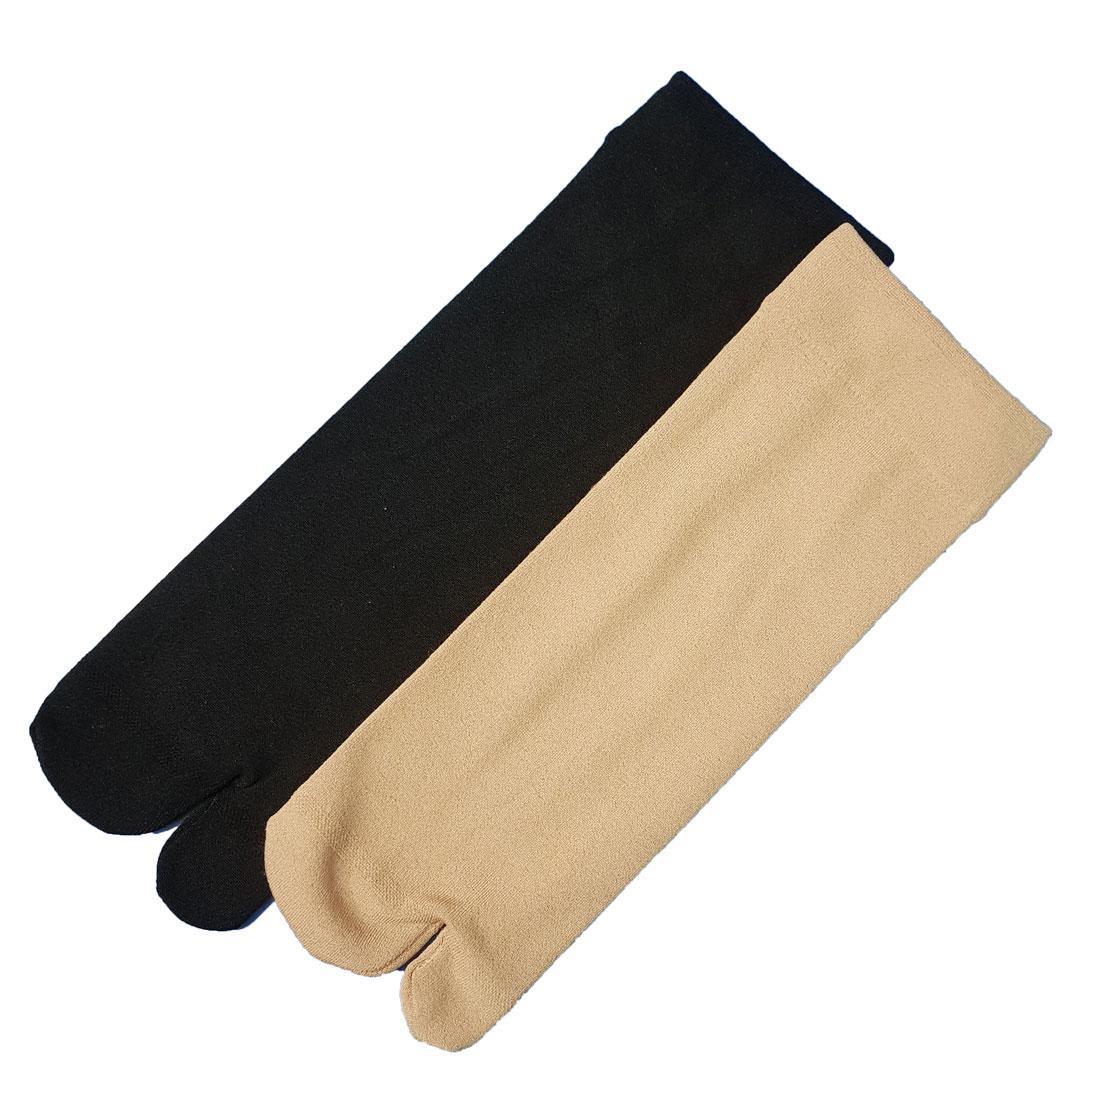 Pack of 2 Finger Skin Socks Fleece Inside For Women